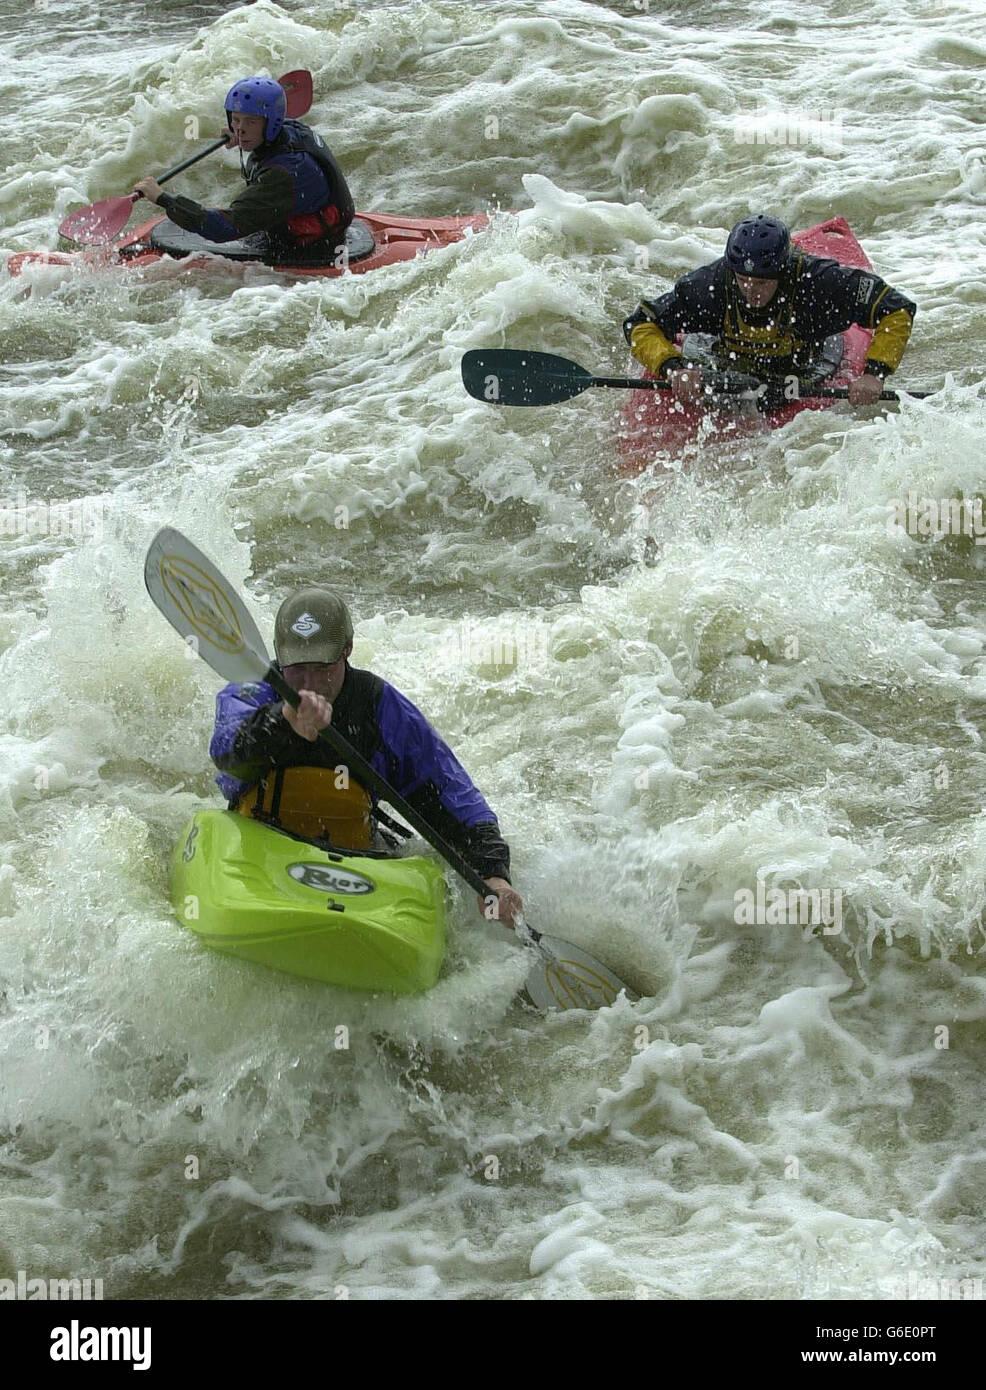 Thames white water rapids - Hambleden Weir - Stock Image